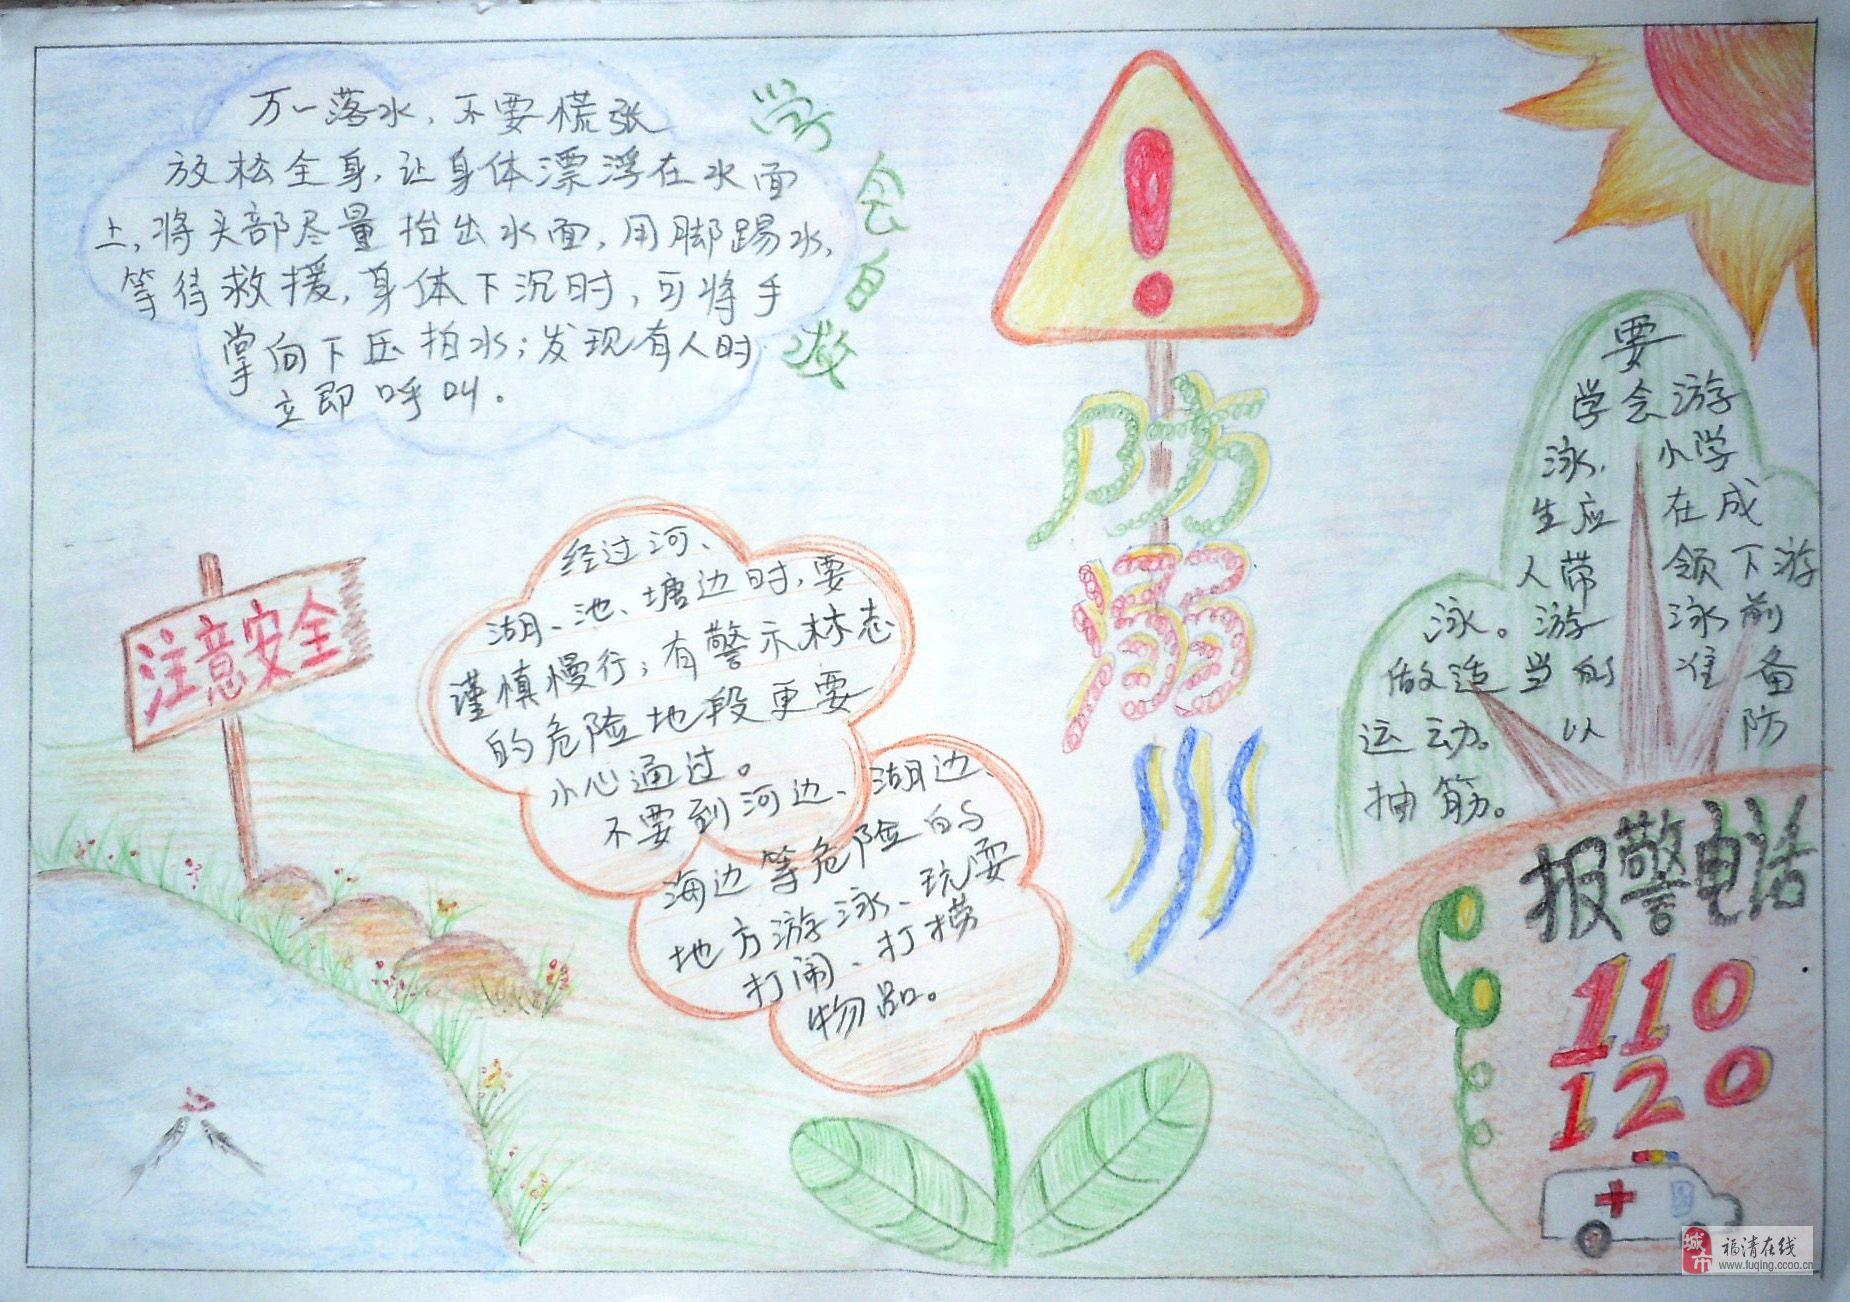 一年级预防溺水手抄报三墩小学中心图片